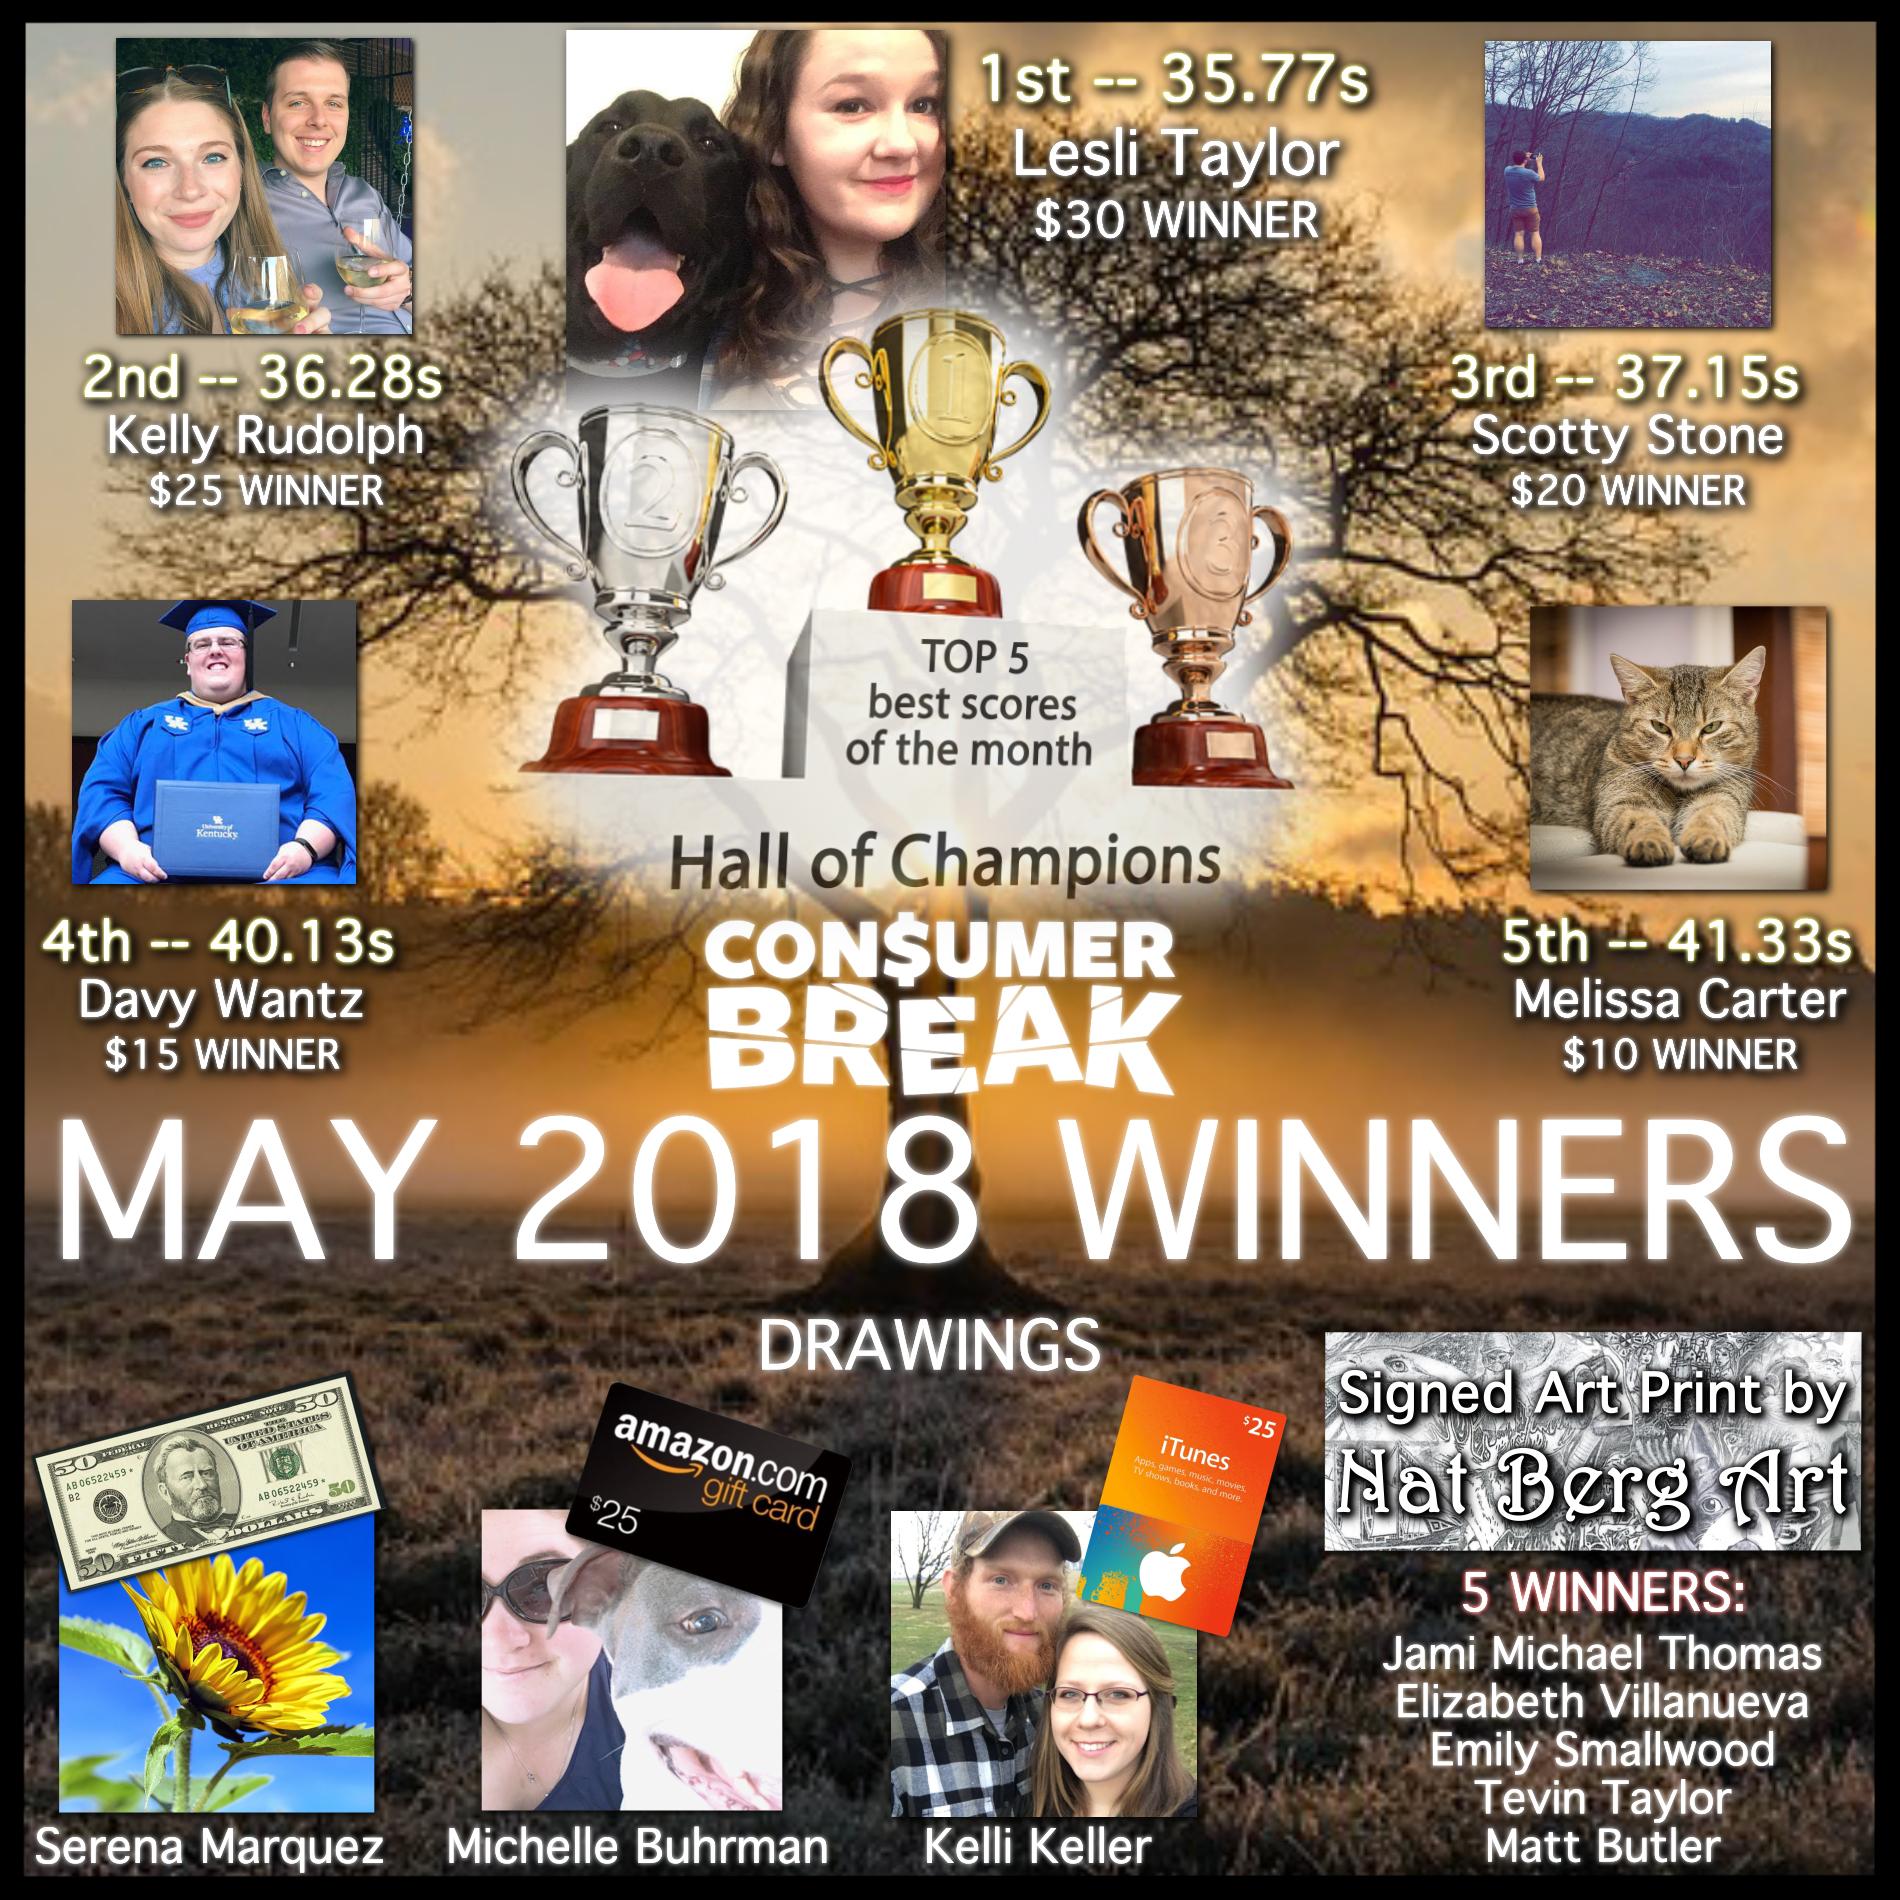 060218 may 2018 winners_00001.jpg